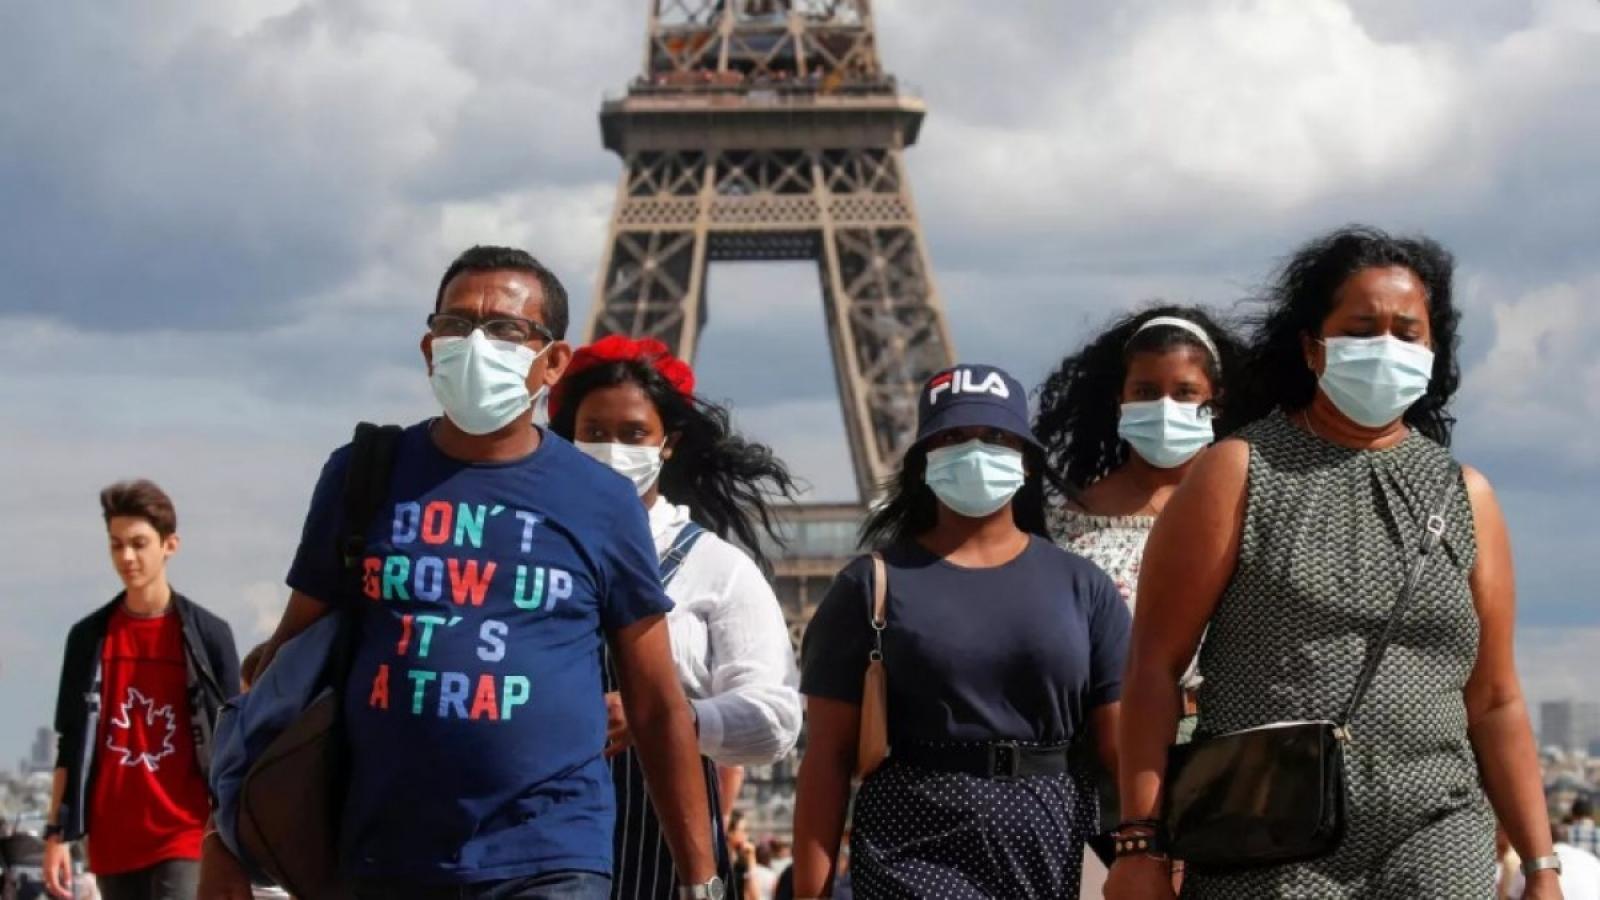 Số người mắc Covid-19 tăng nhanh, Thủ đô Paris sẽ báo động tối đa